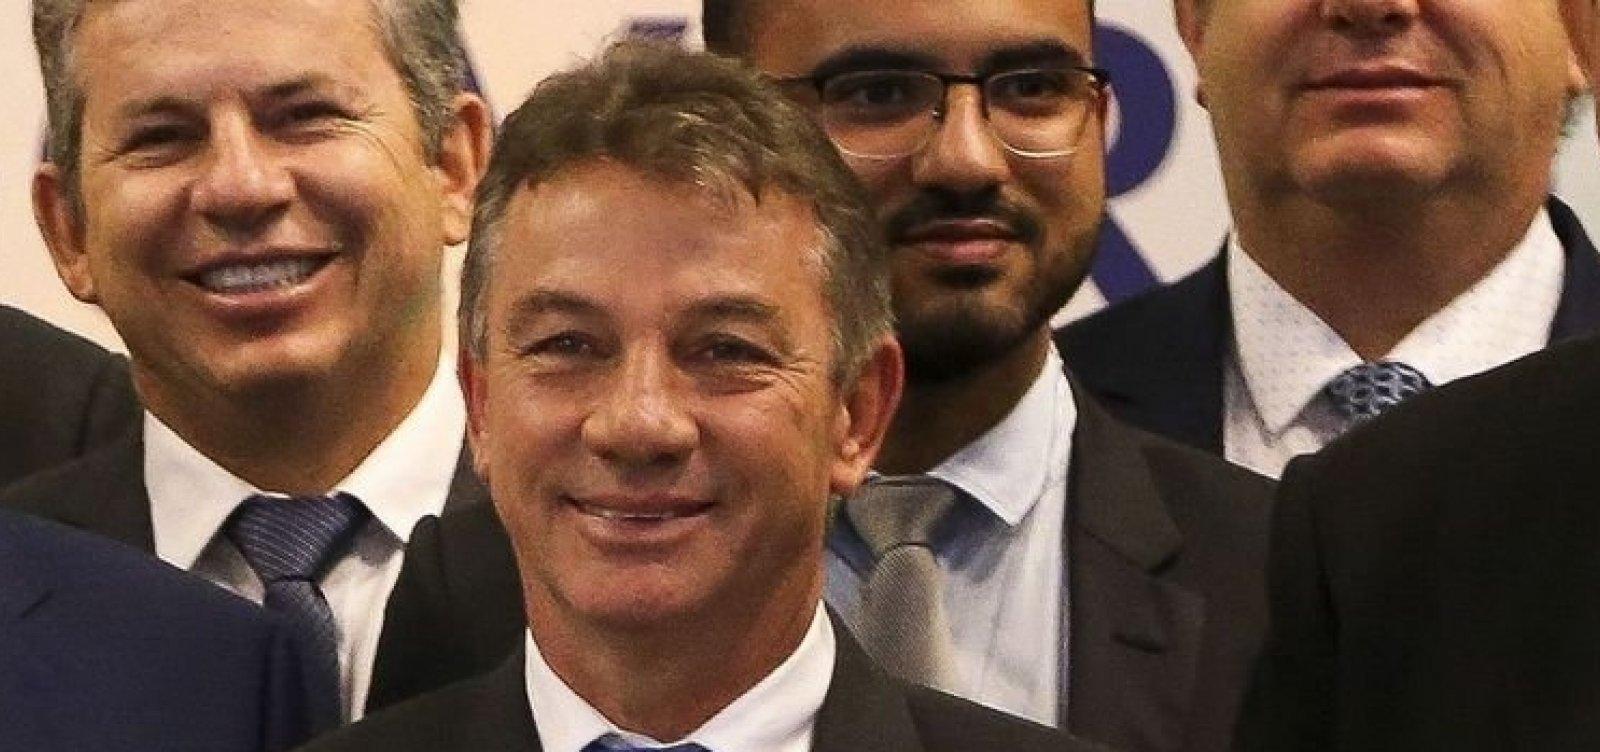 [Governador eleito de Roraima defende prolongamento da intervenção federal]